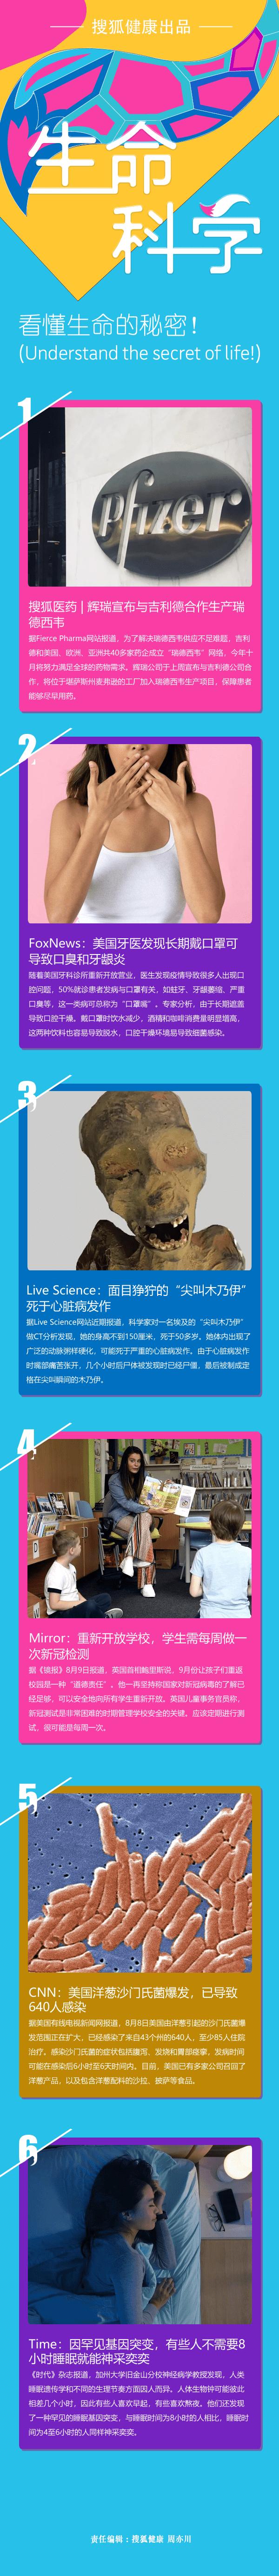 Health Sciences | 长期戴口罩可致口臭,英国学生开学需每周做一次新冠检测_中欧新闻_欧洲中文网